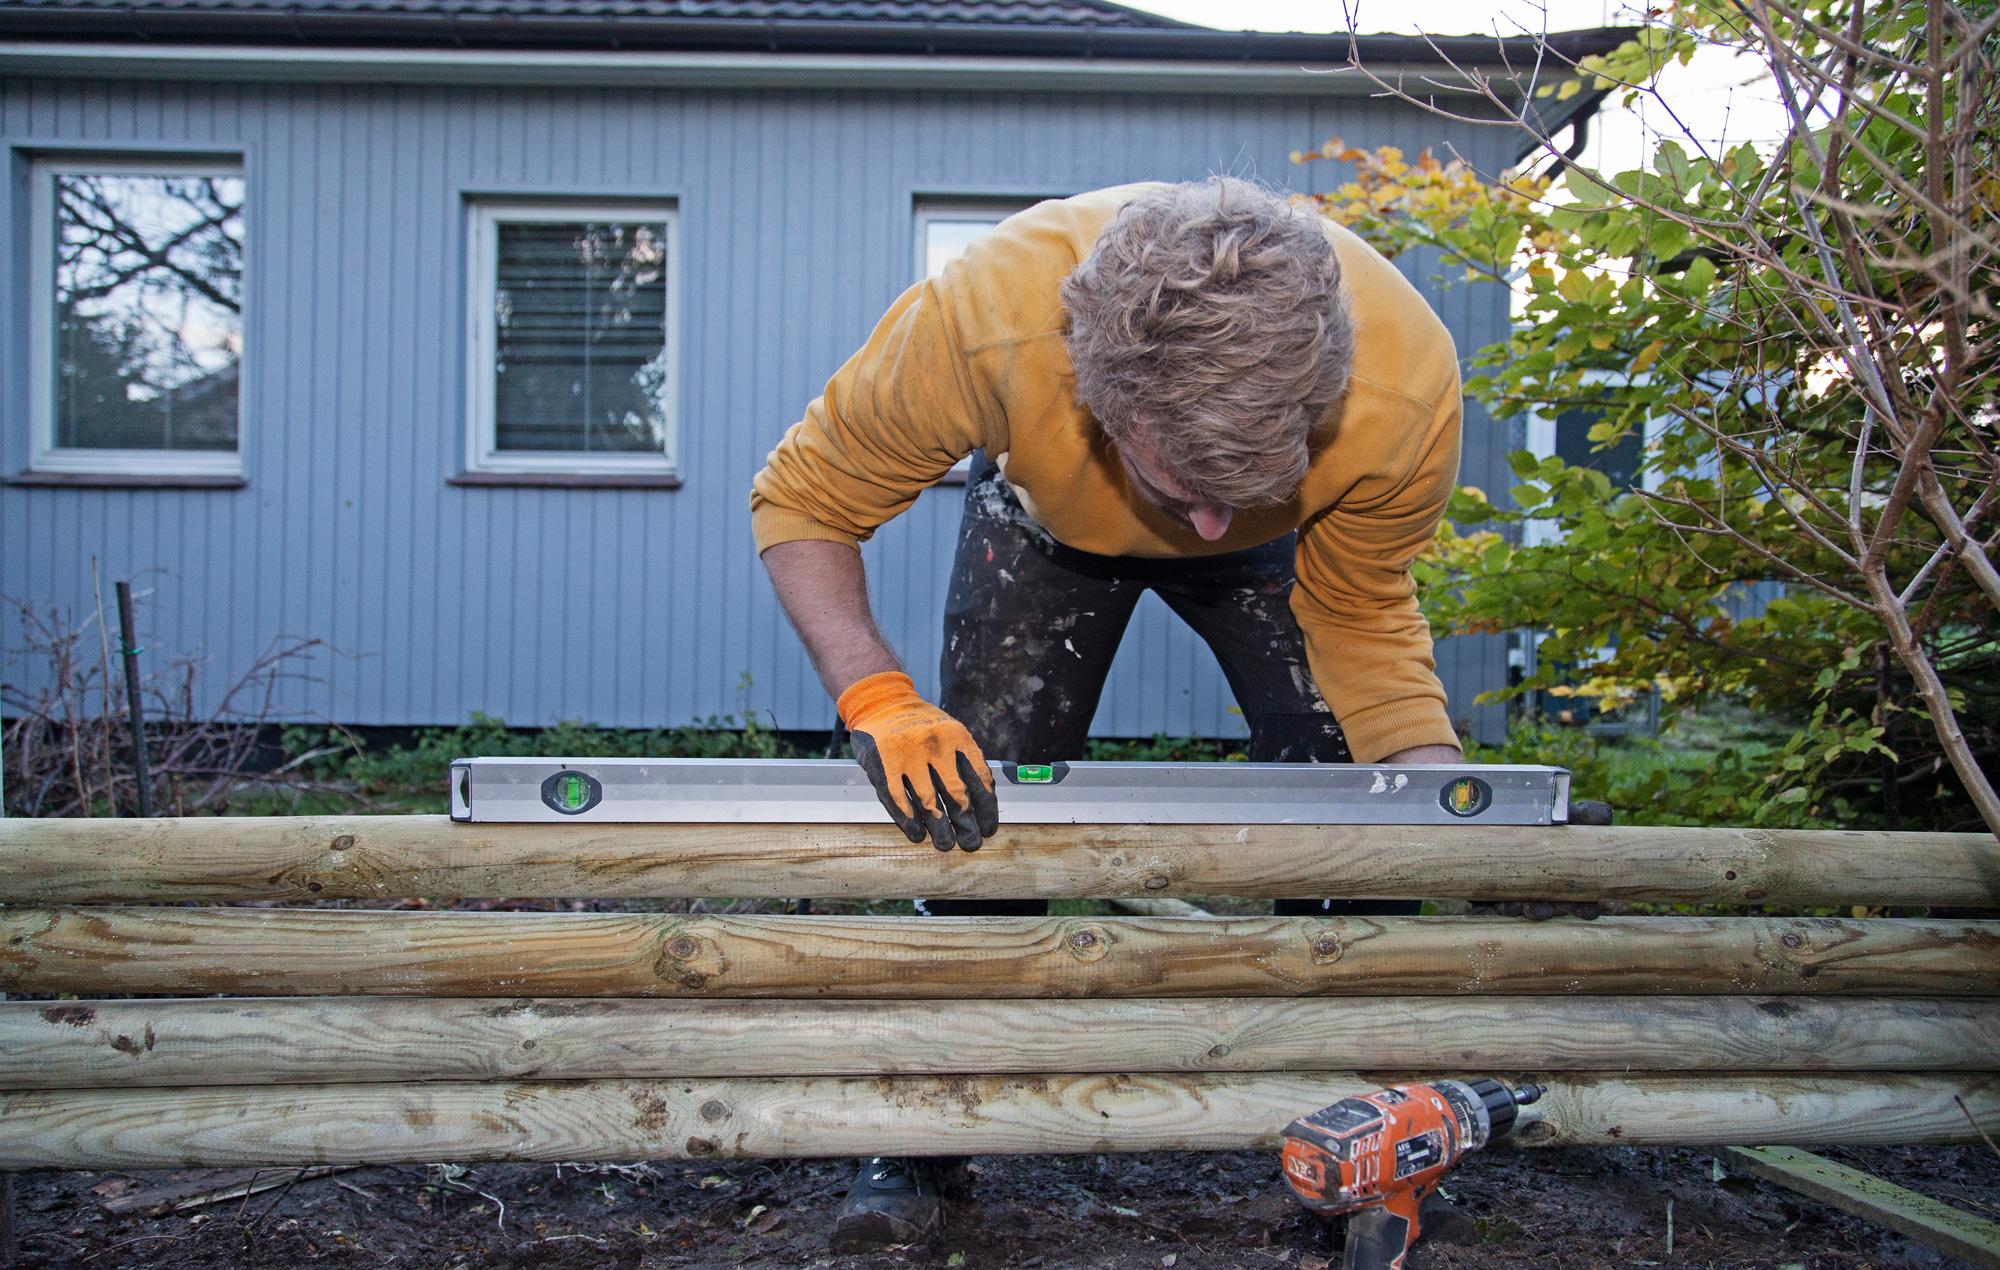 #8A6741 Anbefalede Gør Det Selv: Sådan Bygger Du Et Raftehegn Gør Det Selv Godt 5297 200012705297